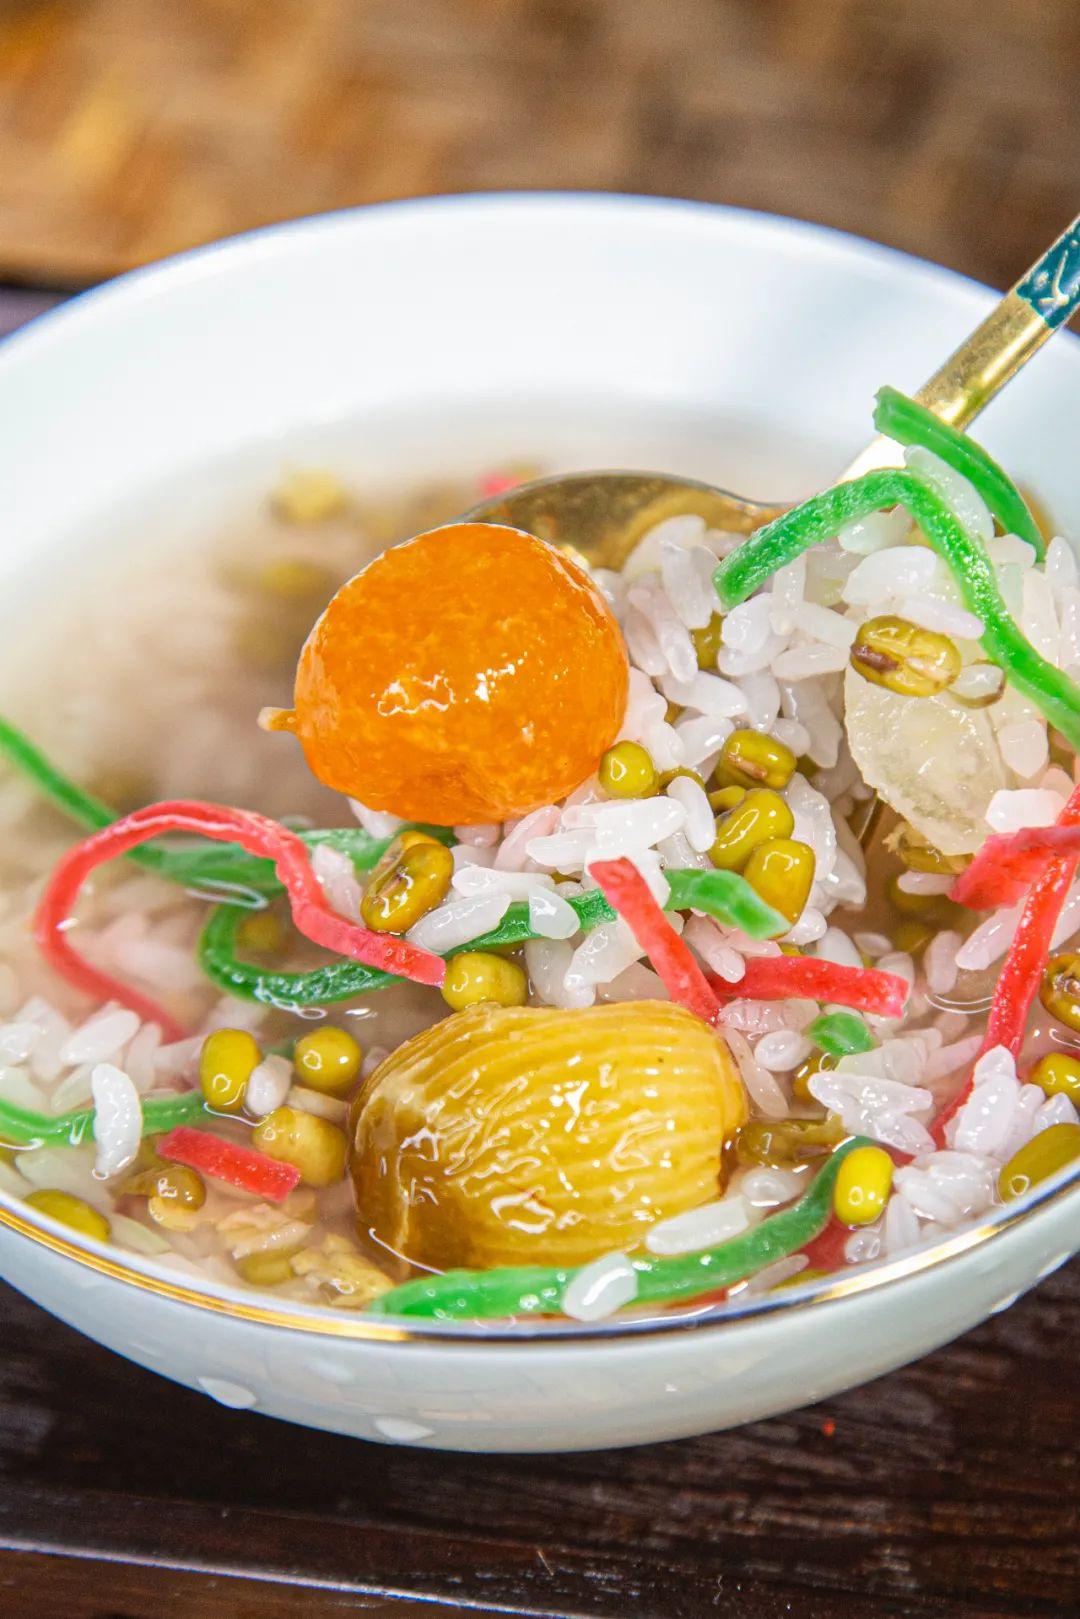 """▲ 五彩缤纷的苏式绿豆汤,更像一碗""""绿豆粥""""。 摄影/喧阗,图/汇图网"""